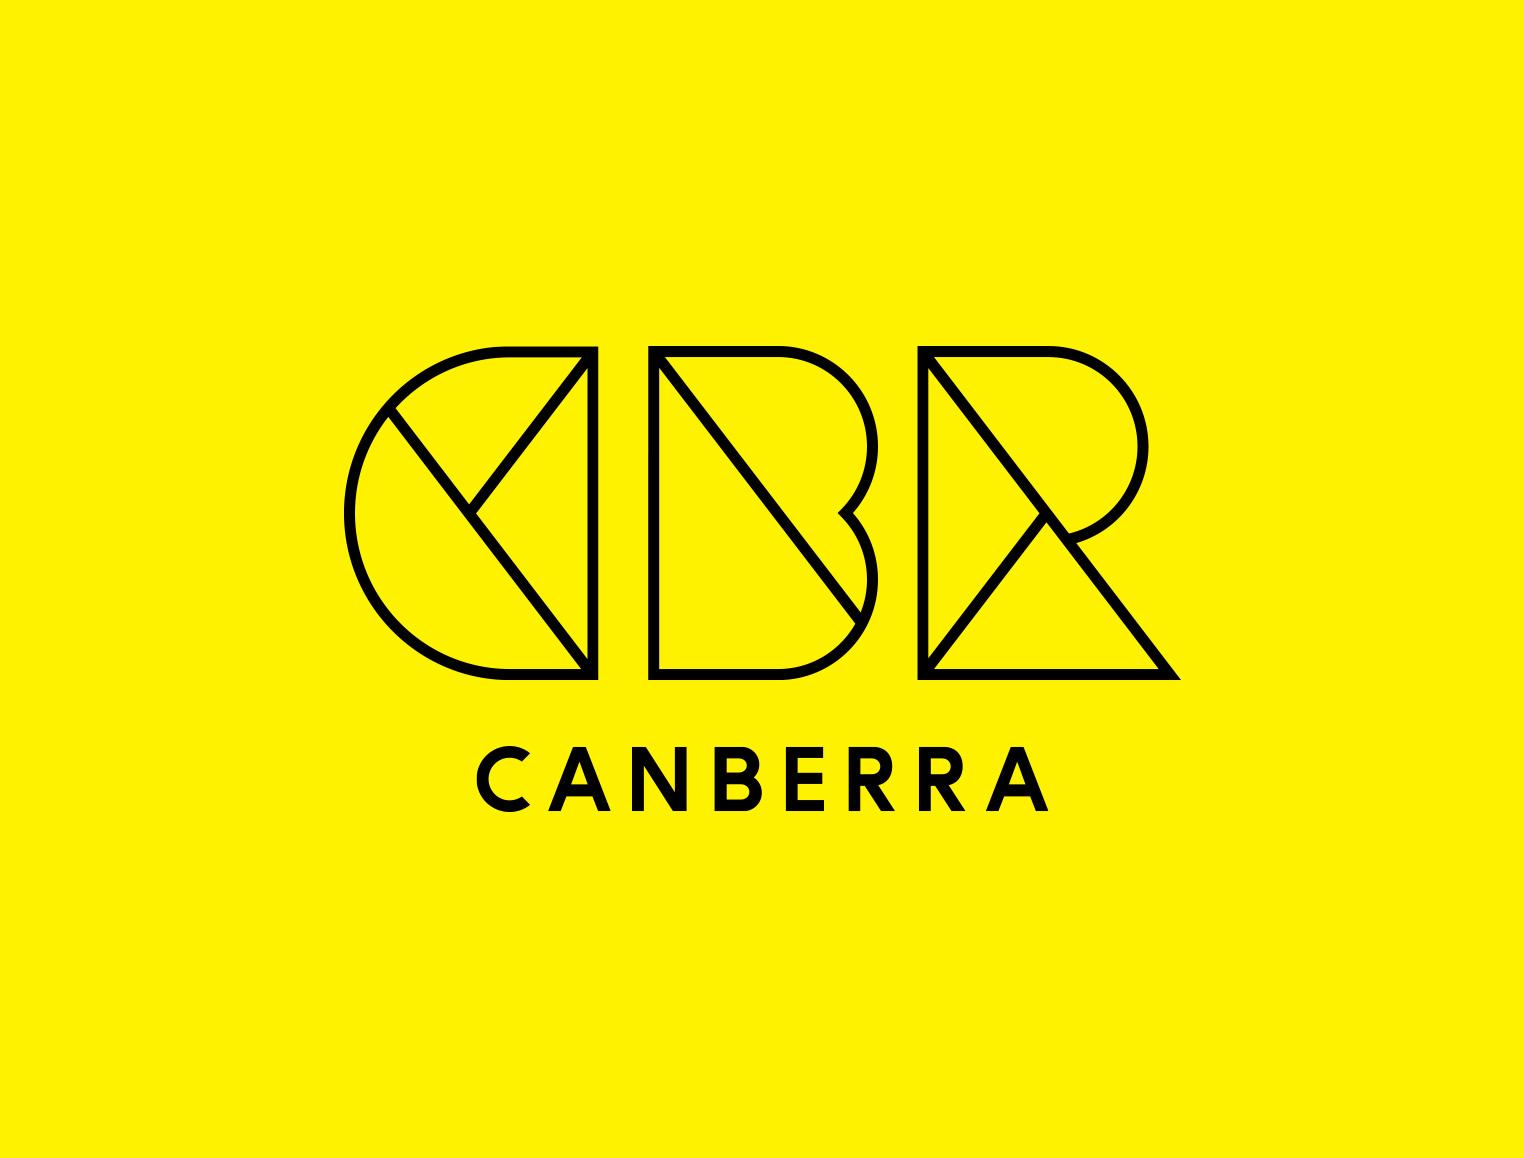 CBR – Brand Canberra tile image